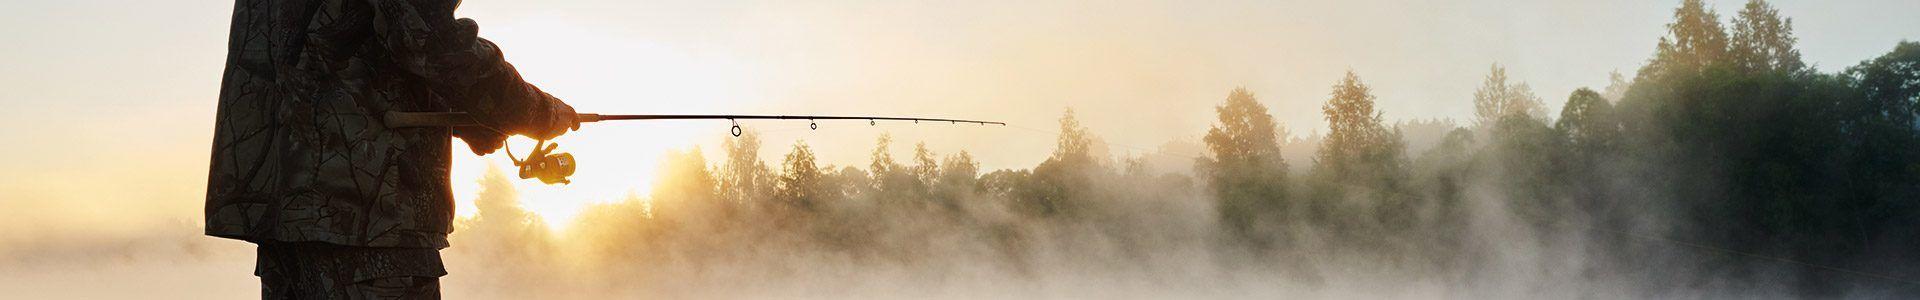 team nijhuis start het grootste hengelsportonderzoek ooit